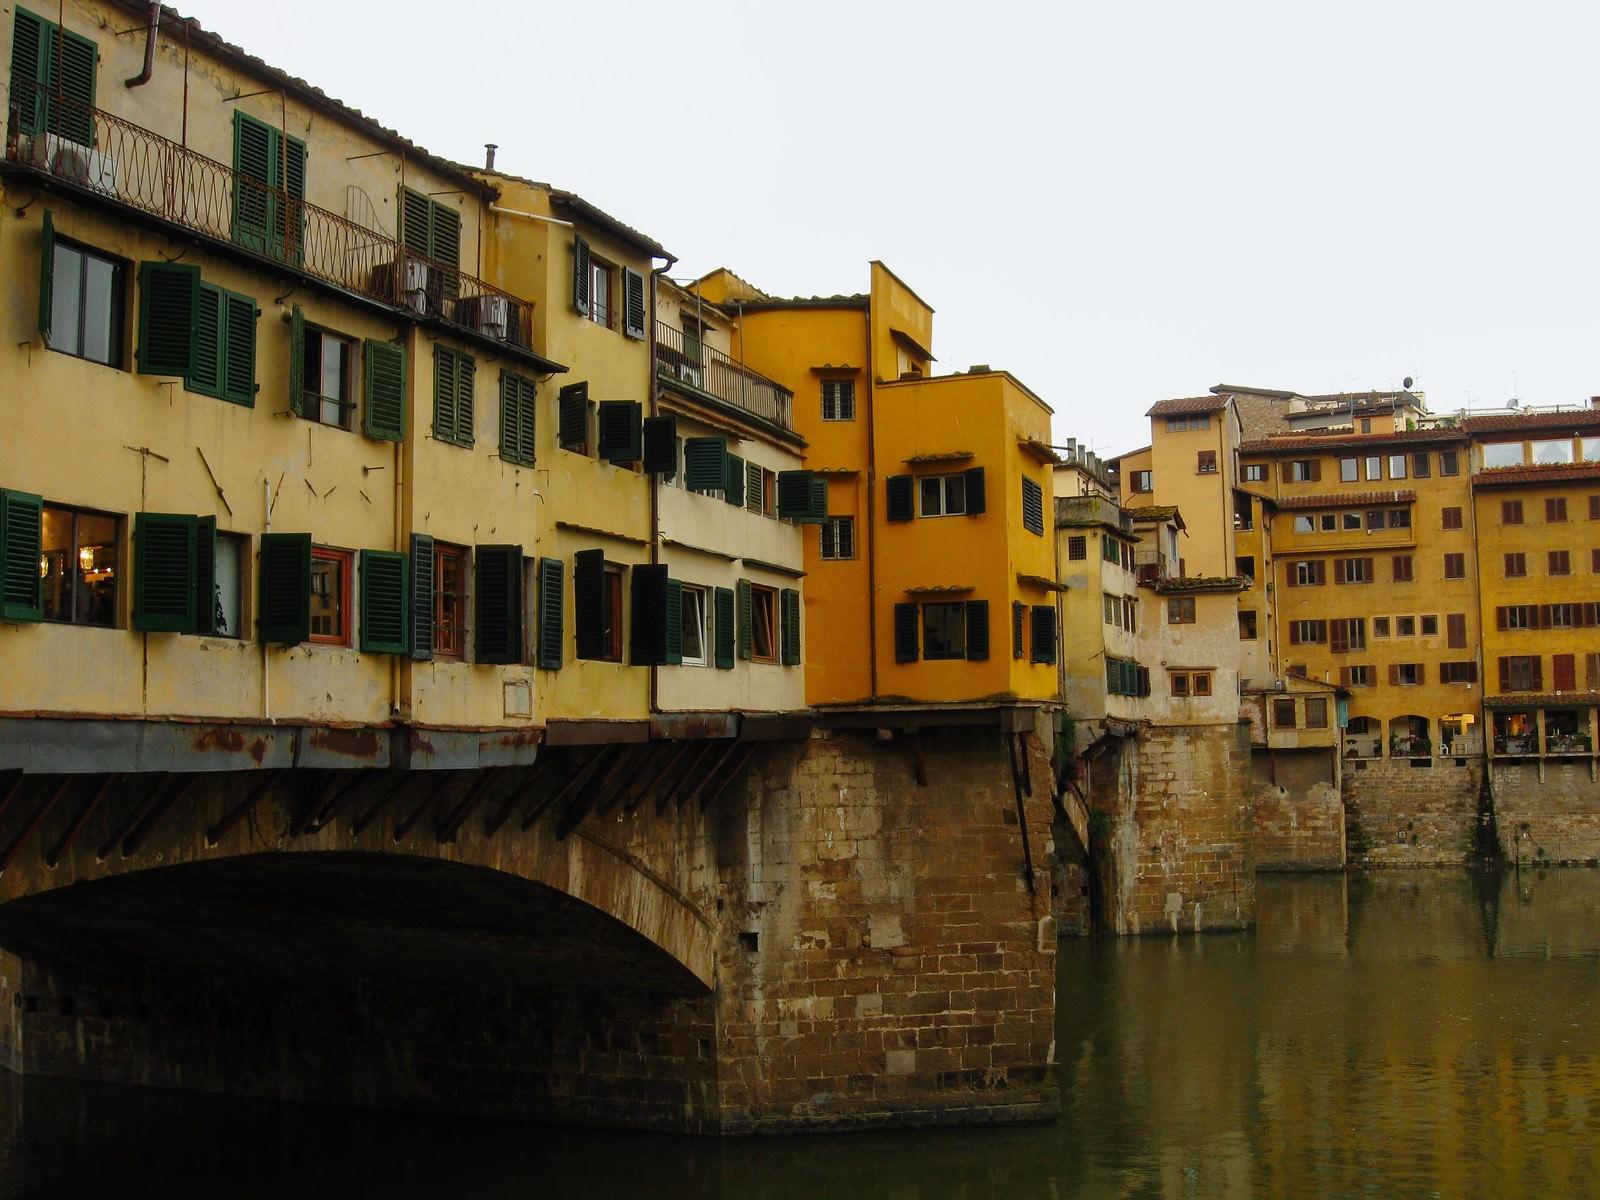 「フィレンツェの川上にたつ窓ばかりの建築物(イタリア)」の写真